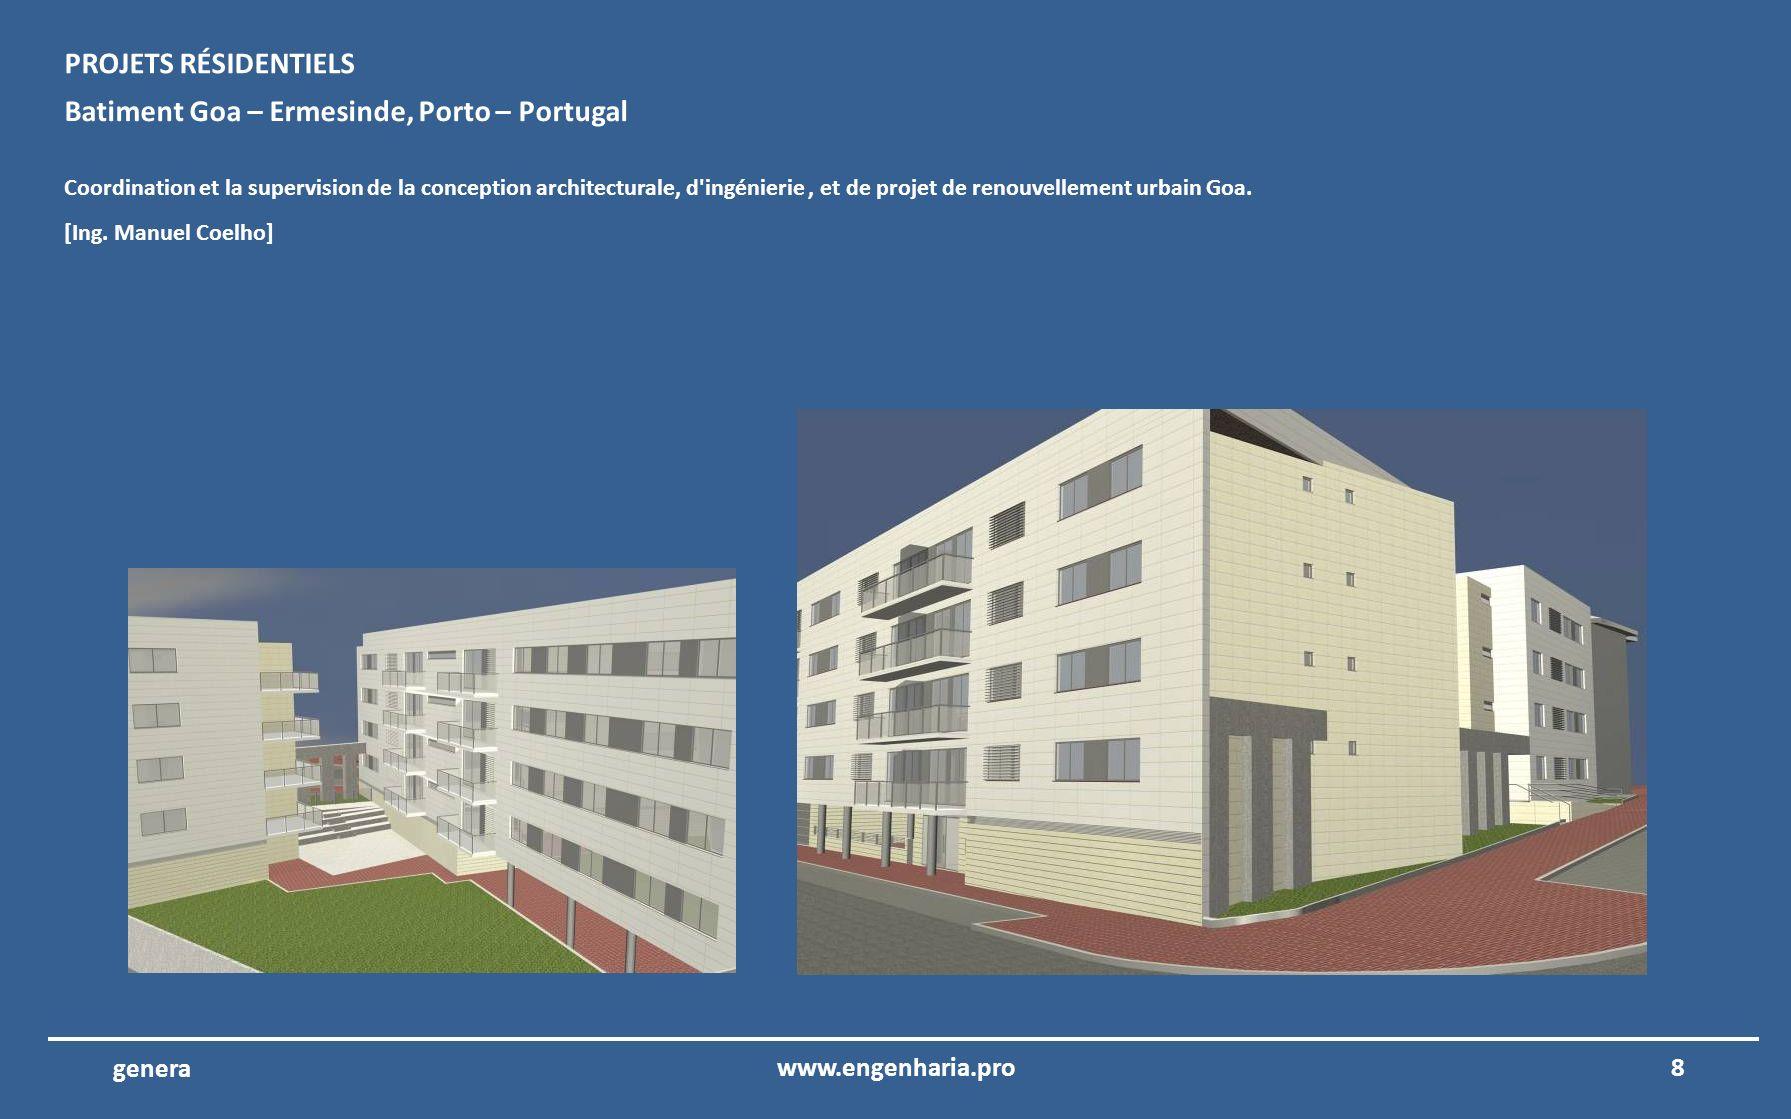 8www.engenharia.pro genera Batiment Goa – Ermesinde, Porto – Portugal Coordination et la supervision de la conception architecturale, d ingénierie, et de projet de renouvellement urbain Goa.